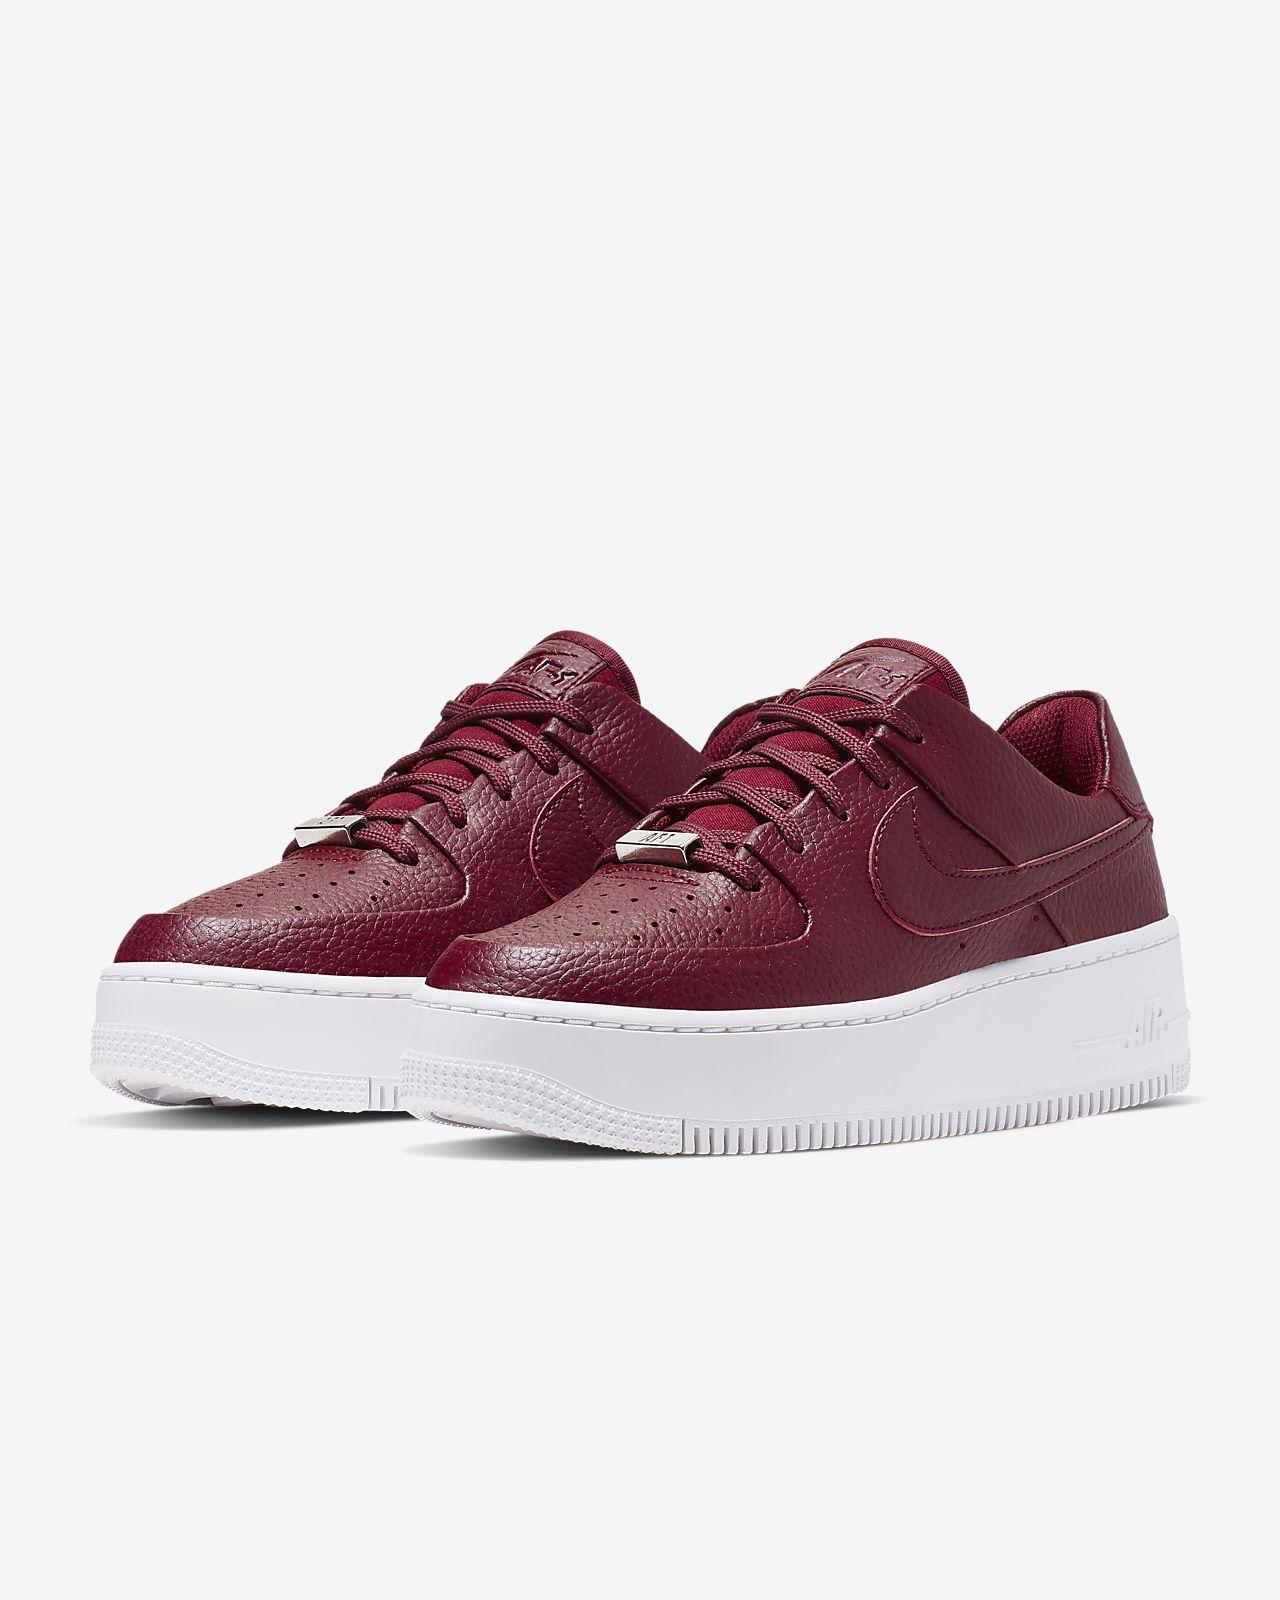 Force Air Nike Low Sage Pour Femme 1 8pn0wokx Chaussure c31l5TuFKJ